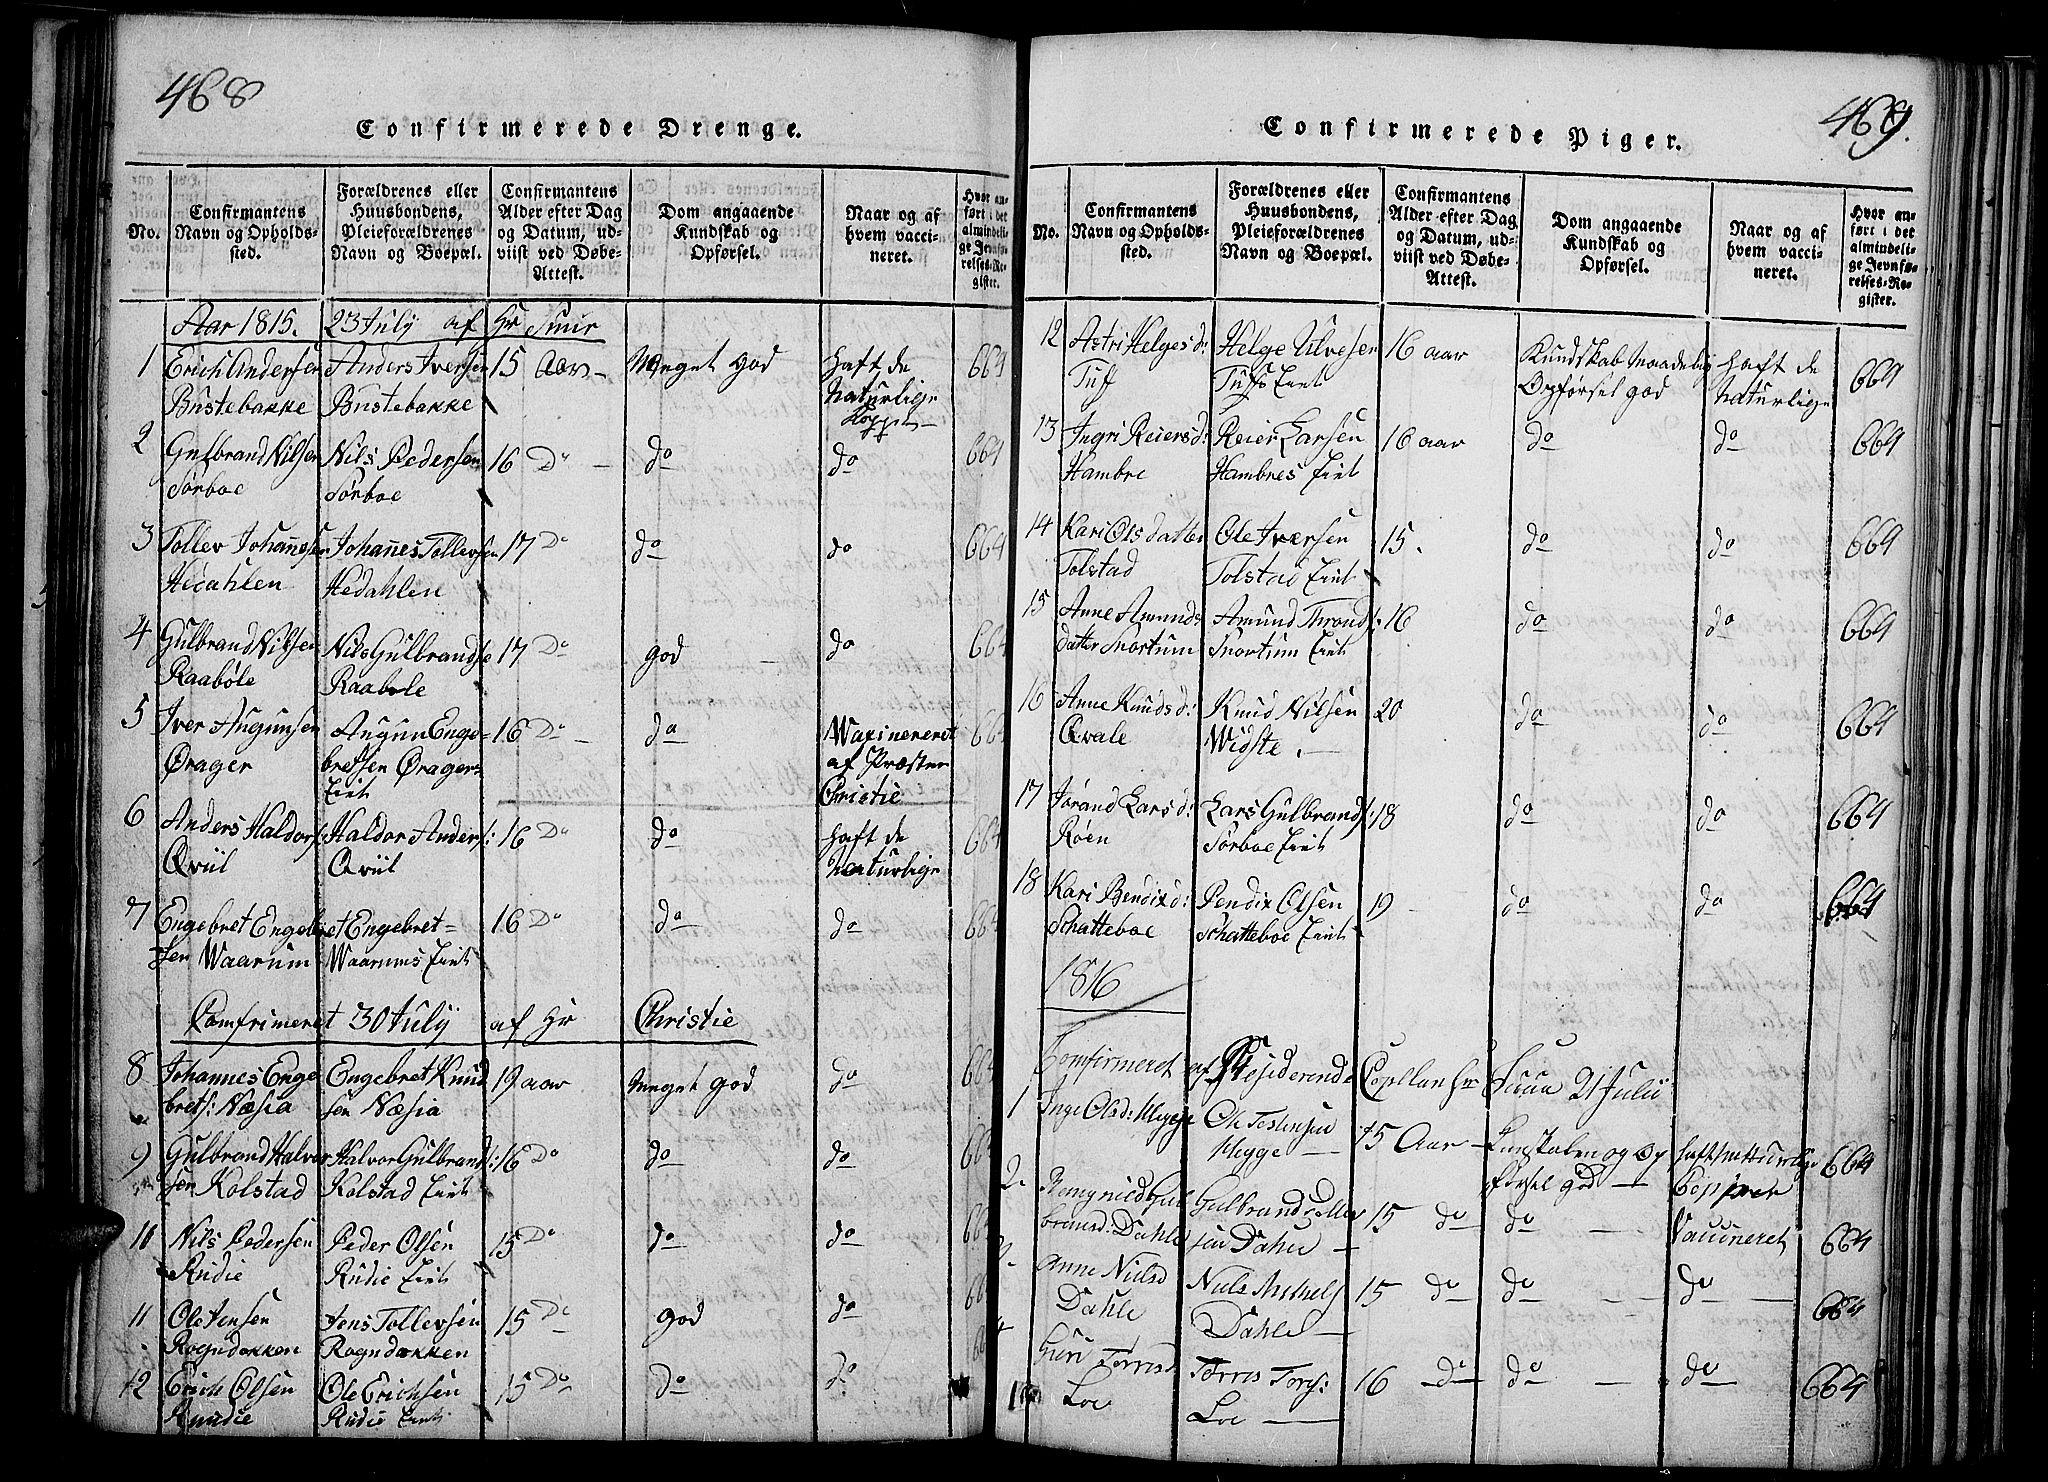 SAH, Slidre prestekontor, Ministerialbok nr. 2, 1814-1830, s. 468-469